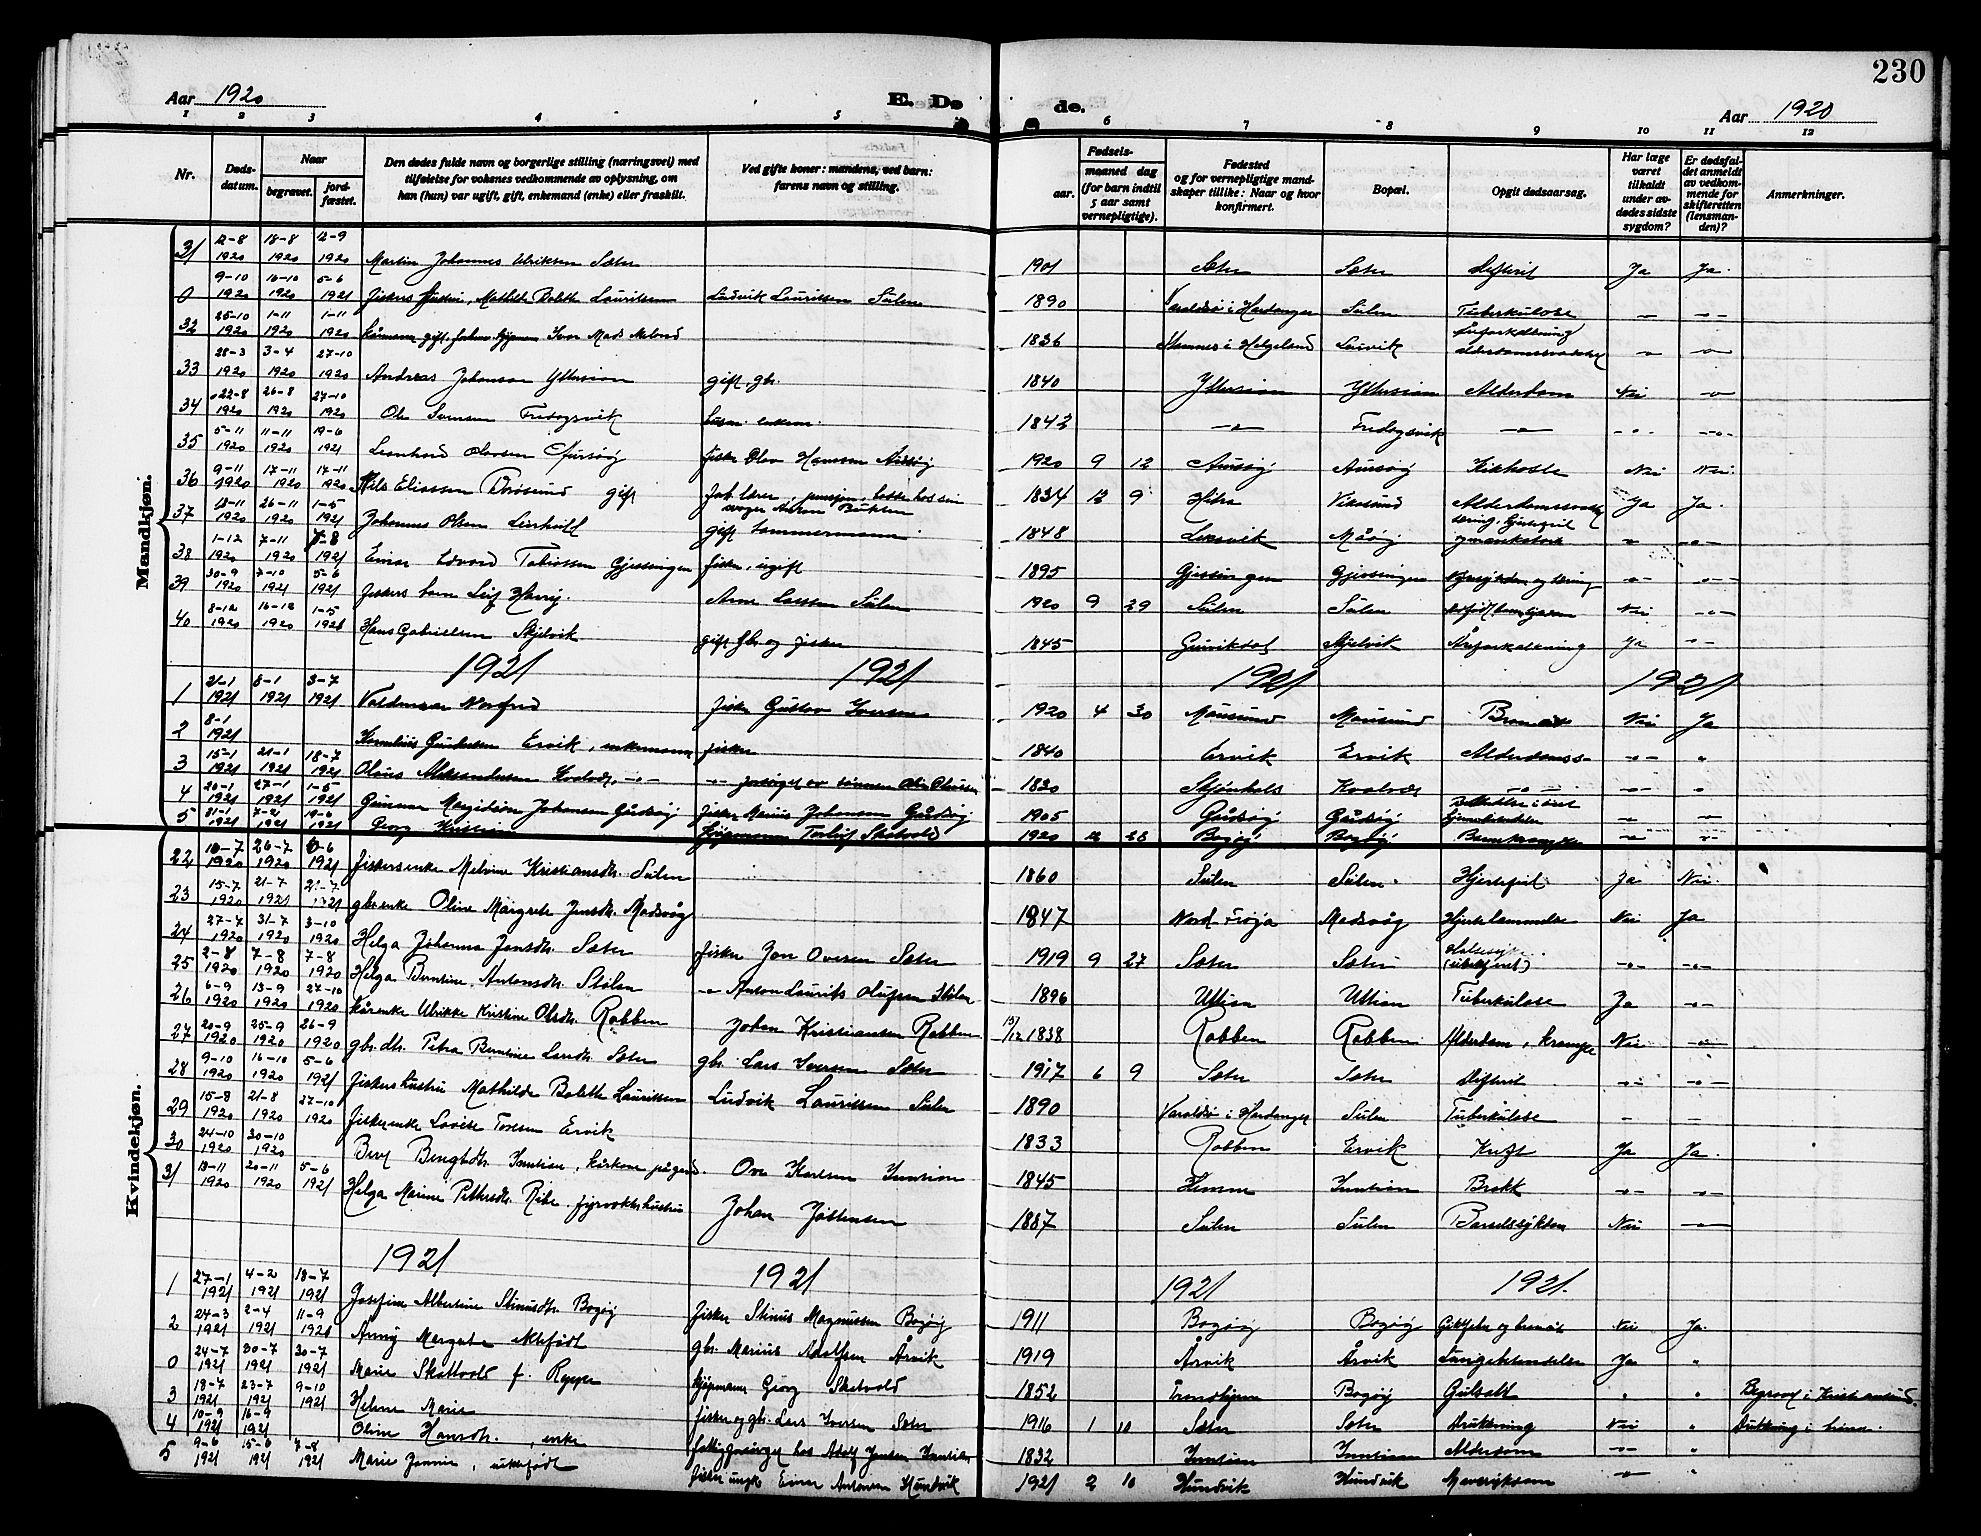 SAT, Ministerialprotokoller, klokkerbøker og fødselsregistre - Sør-Trøndelag, 640/L0588: Klokkerbok nr. 640C05, 1909-1922, s. 230